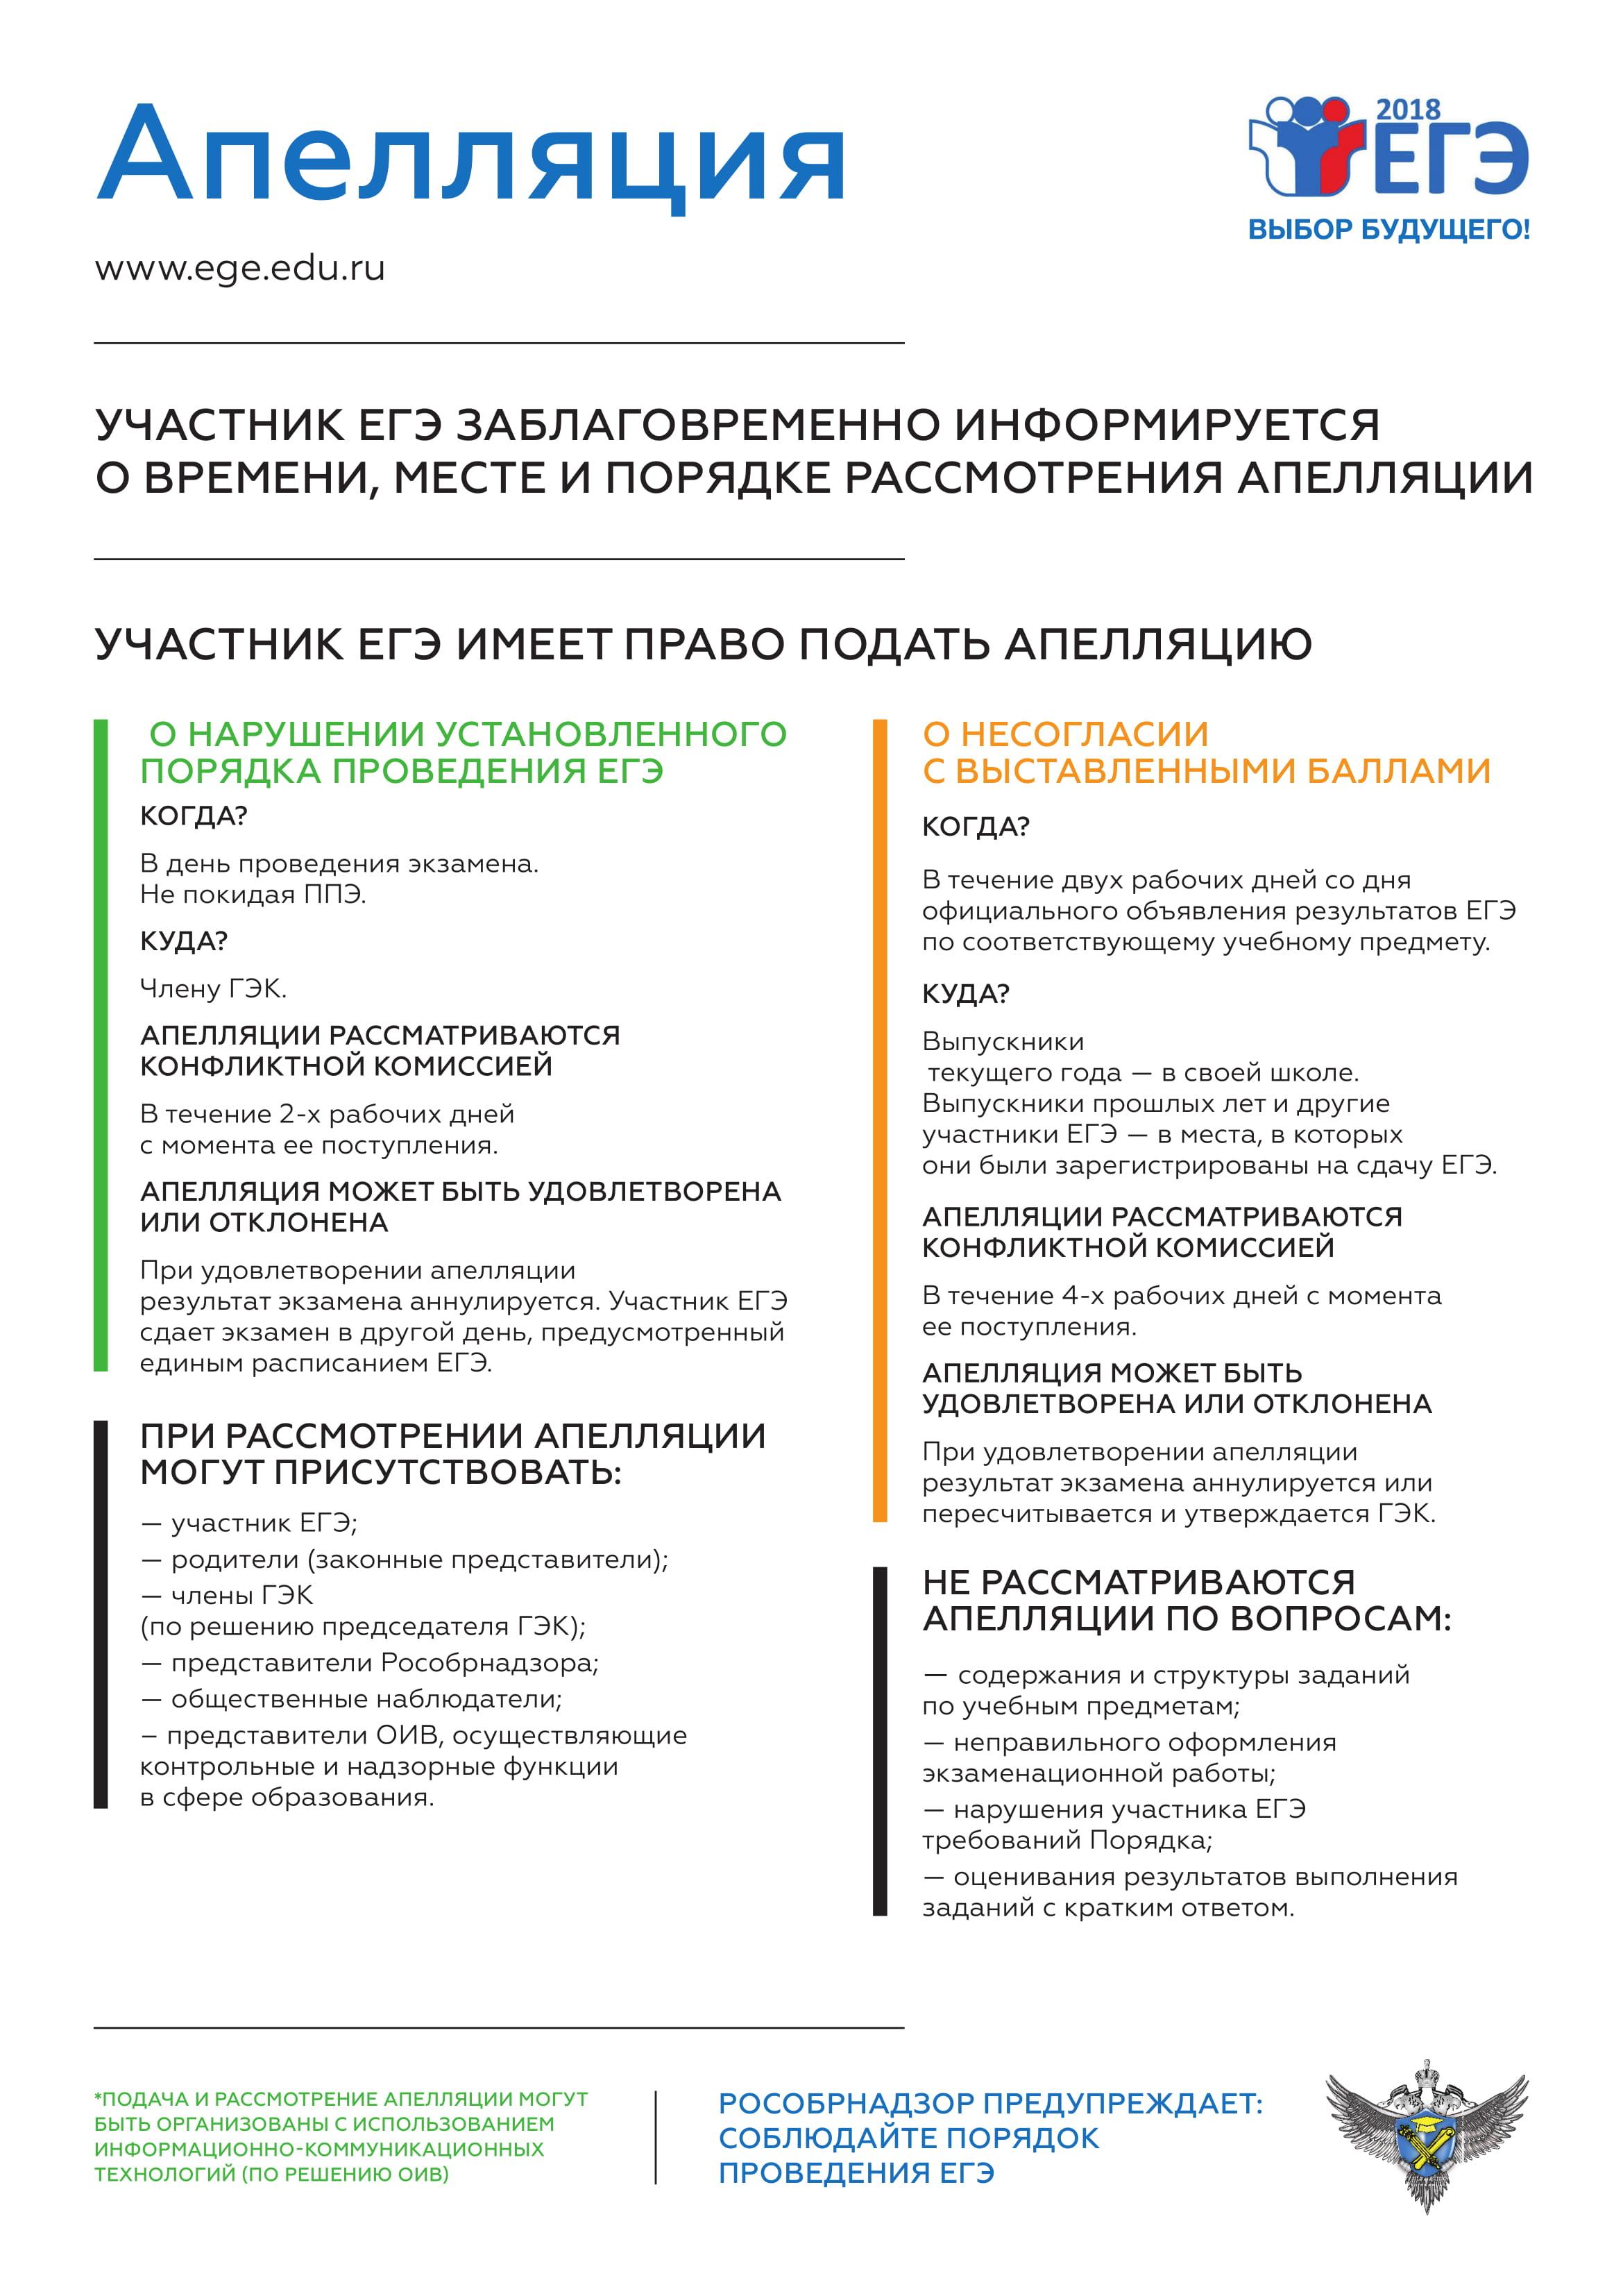 """Плакат ЕГЭ """"Аппеляция"""""""